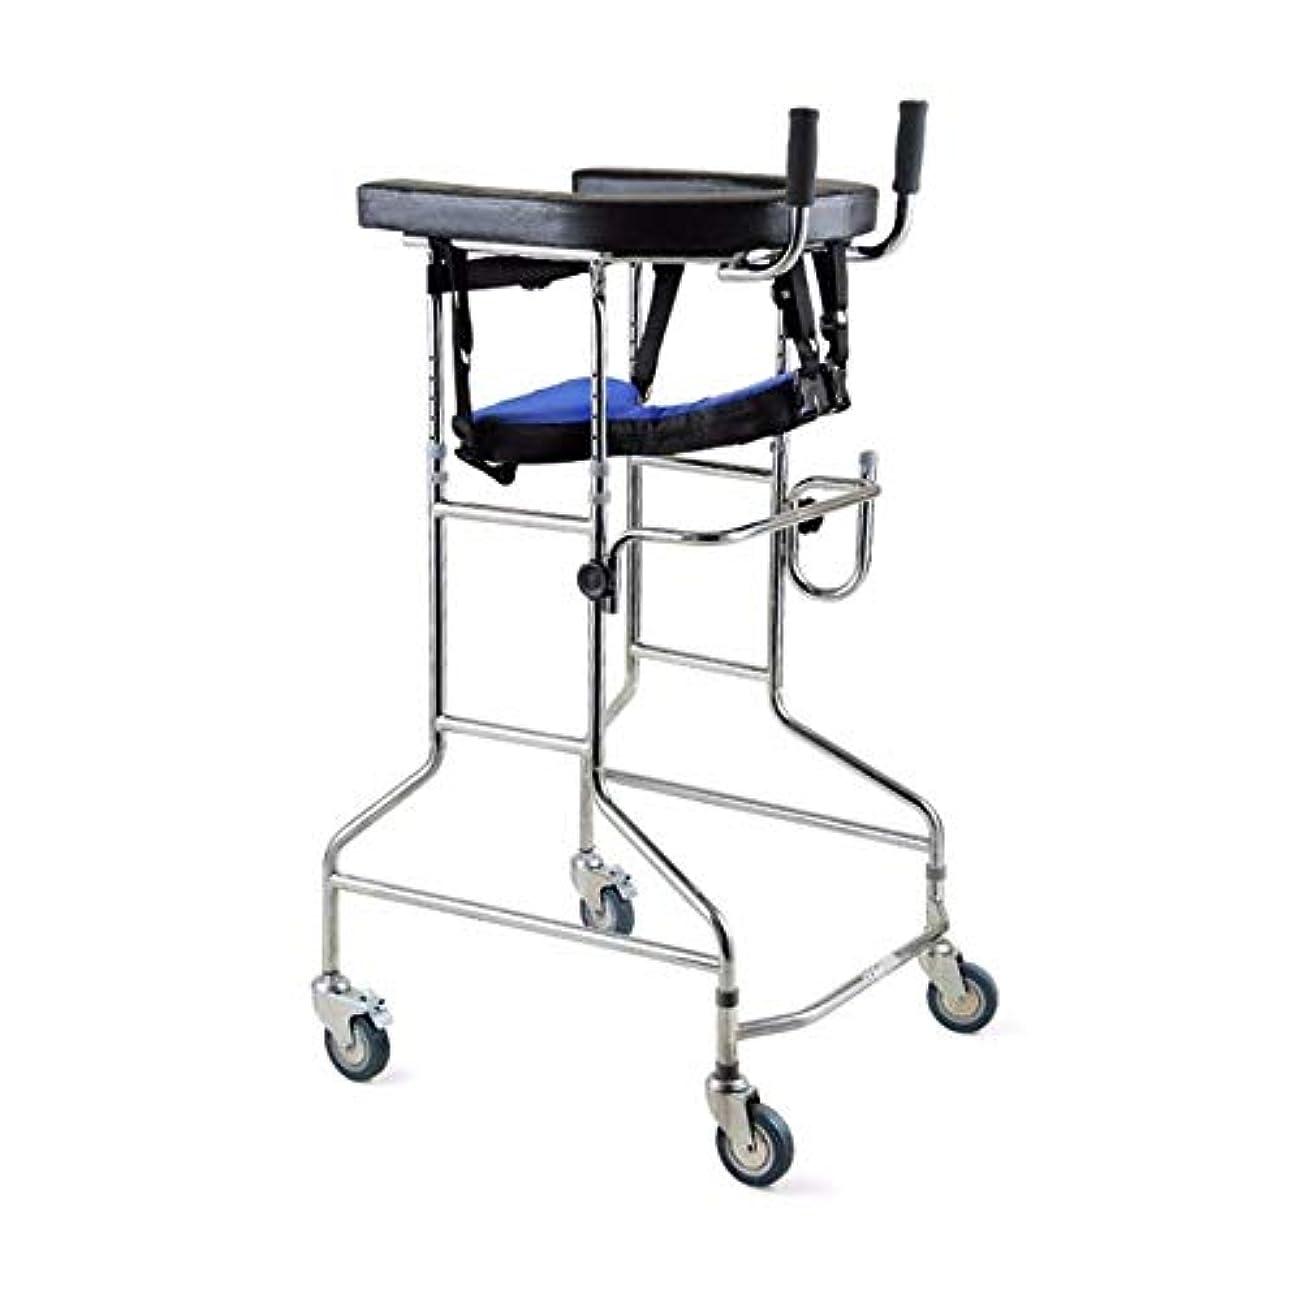 たまに敗北コンベンションリハビリテーション歩行器、多機能高齢者歩行ブラケット、身体障害者用両腕歩行器 (Color : 黒)